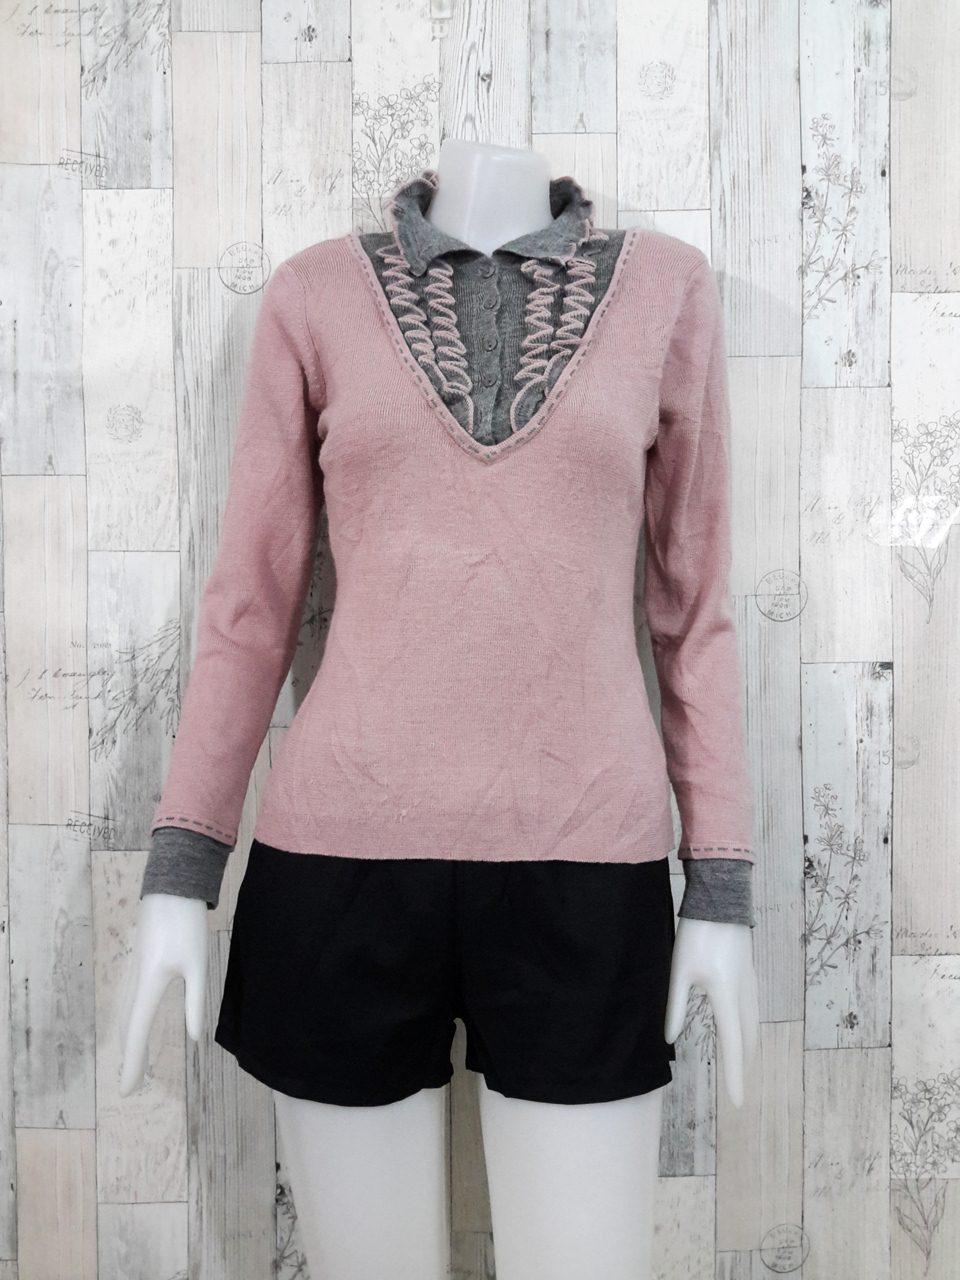 **สินค้าหมด Blouse3530 2nd hand clothes เสื้อไหมพรม(เนื้อหนามีน้ำหนัก) แขนยาว คอปกแต่งระบาย โทนสีชมพูเทา